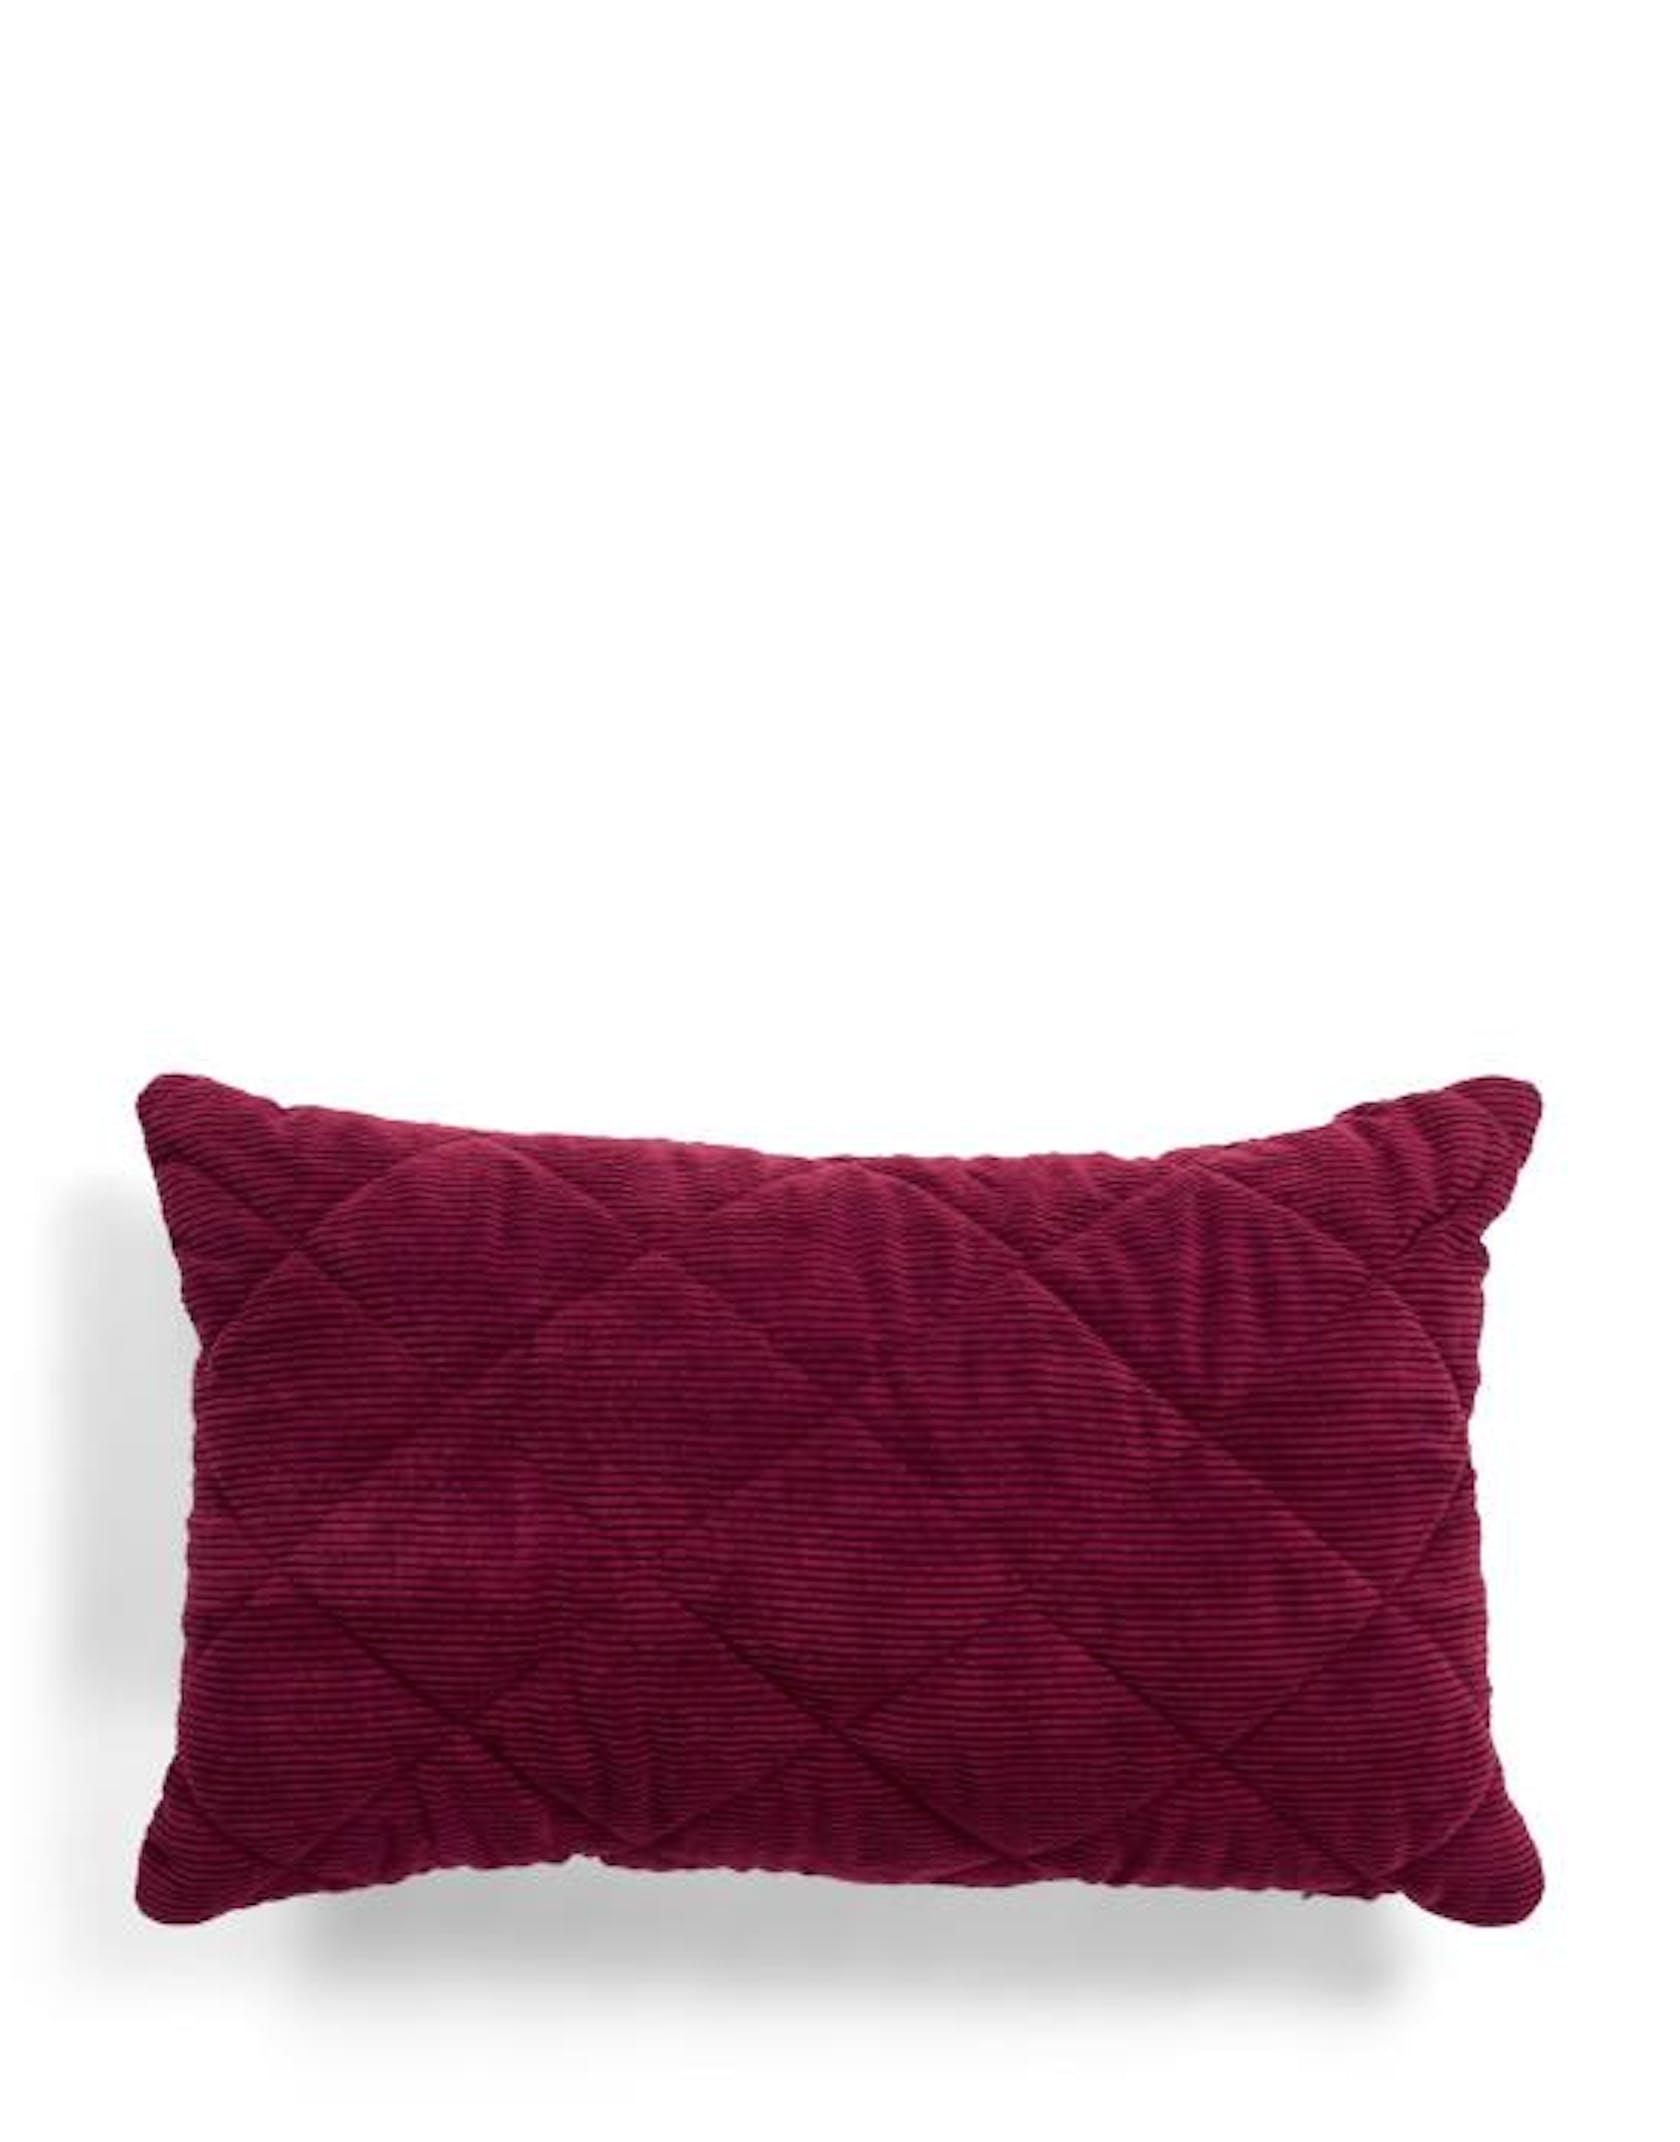 ESSENZA Billie Cherry Cushion 30 x 50